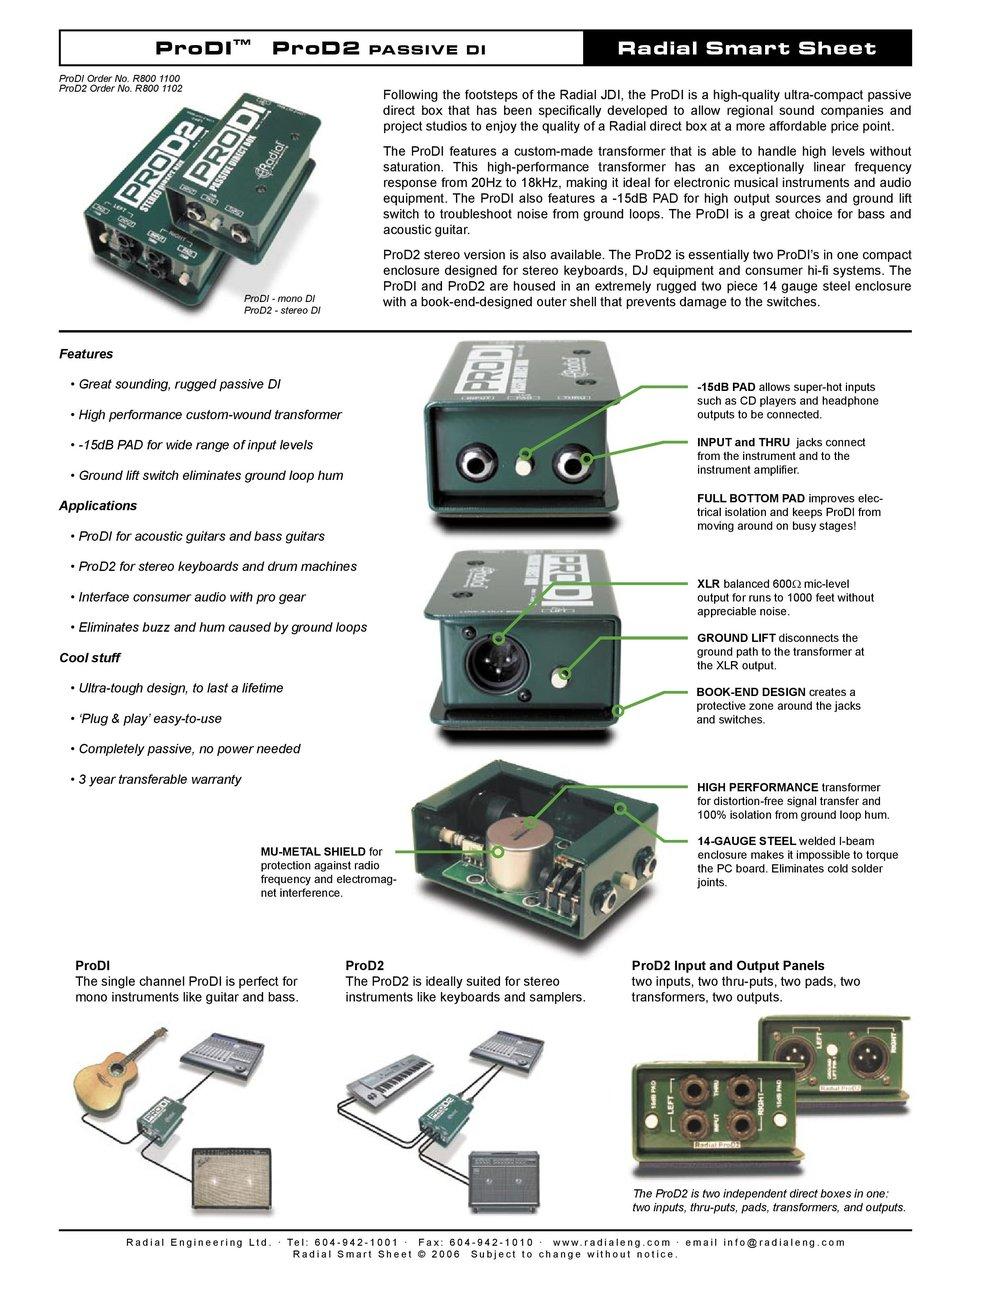 smartsheet-prodi-prod2-page-001.jpg